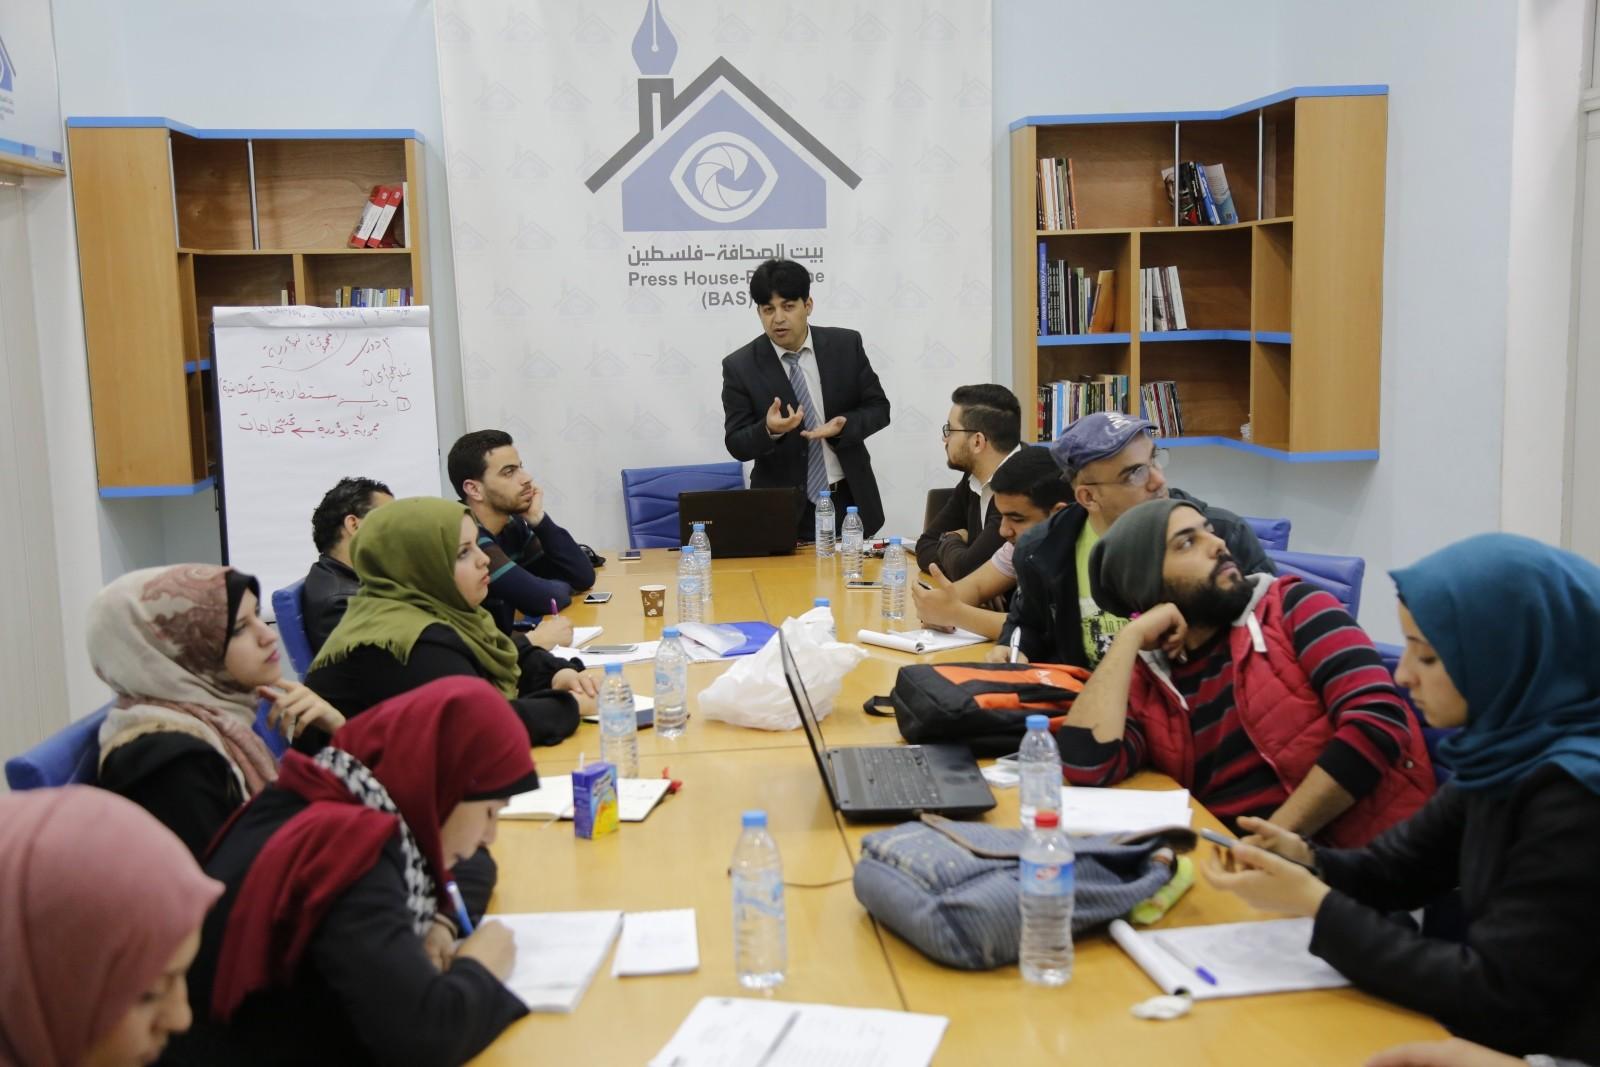 اجتماعات متابعة خلال المرحلة الثانية من مشروع خطوة نحو تعليم أفضل